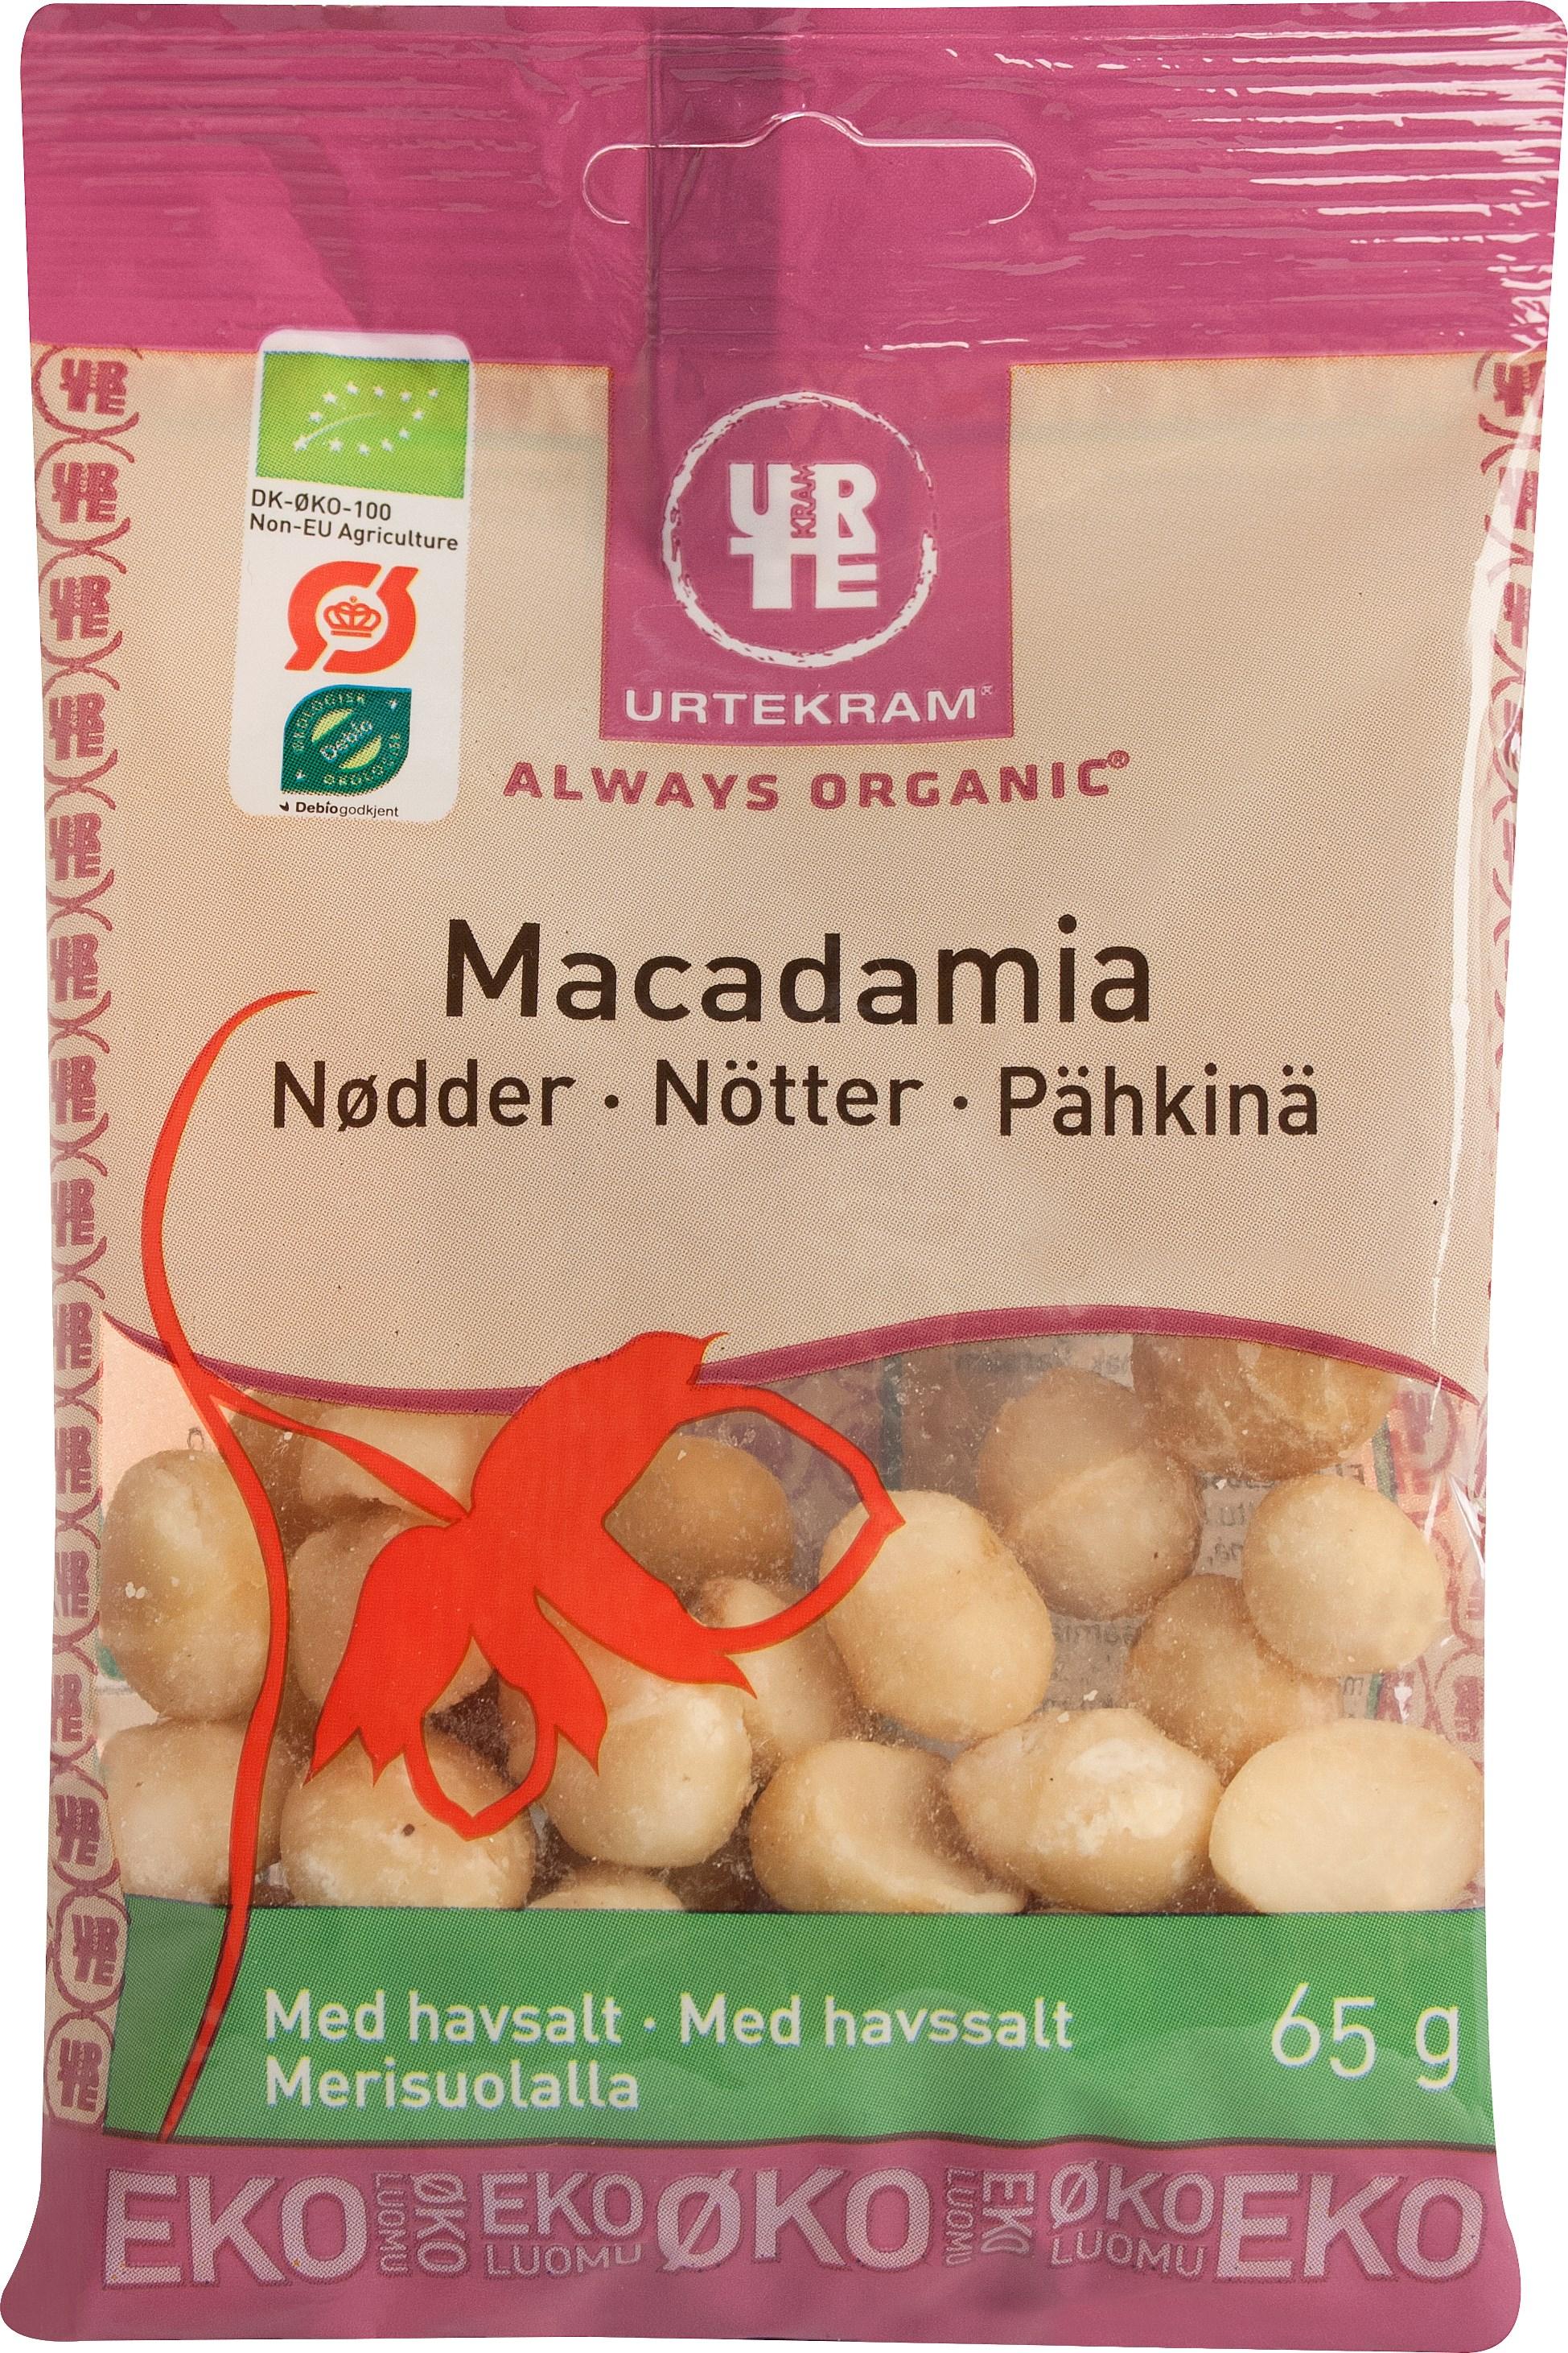 Urtekram macadamianødder fra Mecindo